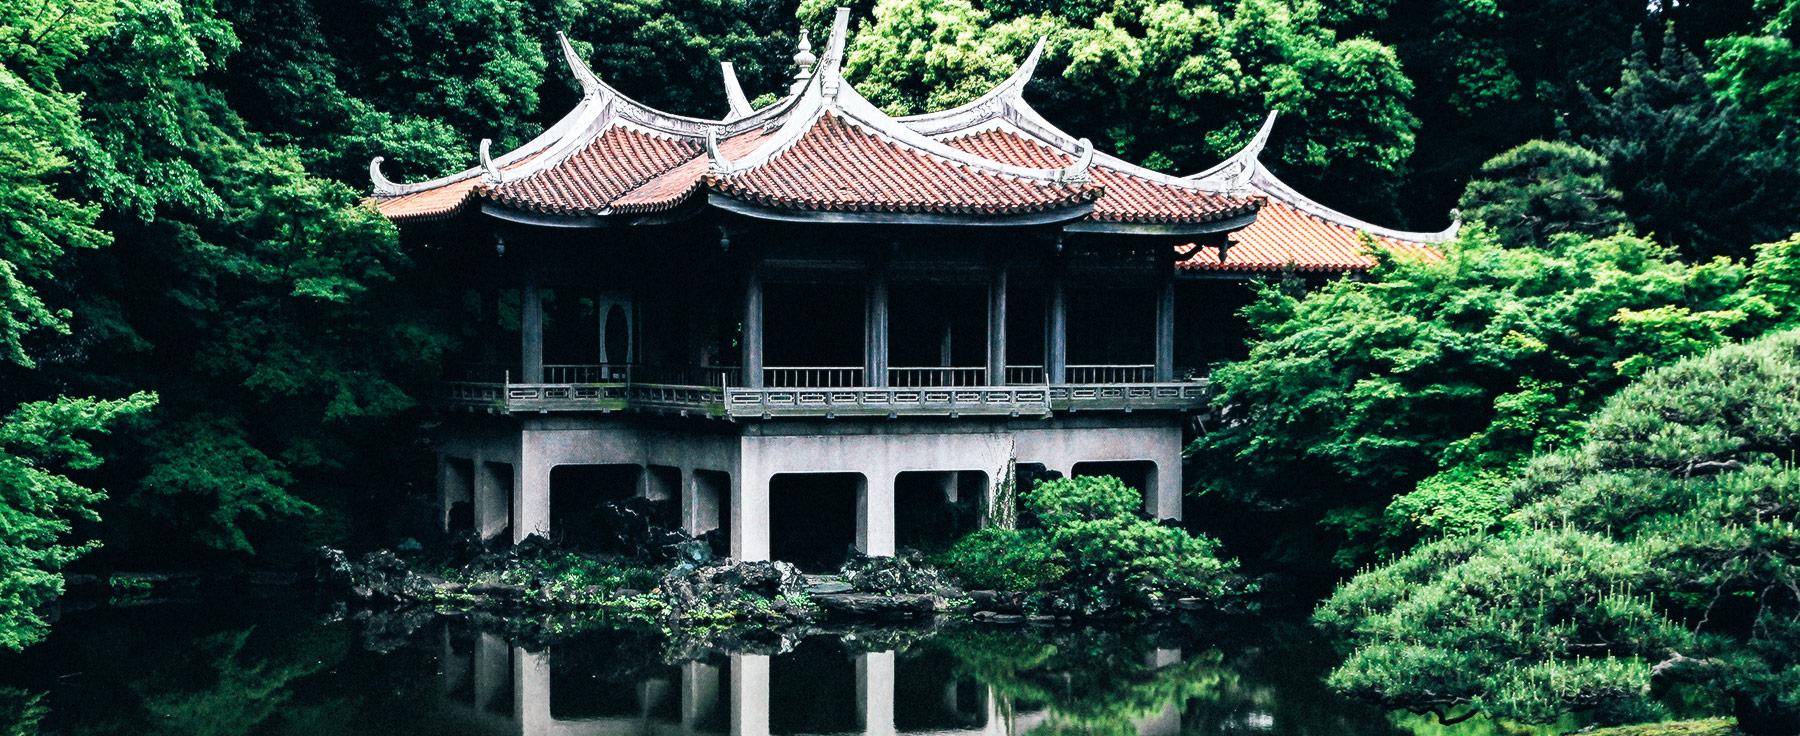 2018: ÁSIA FASCINANTE – 19 DIAS EM TAILÂNDIA, VIETNAM, HONG KONG E QATAR